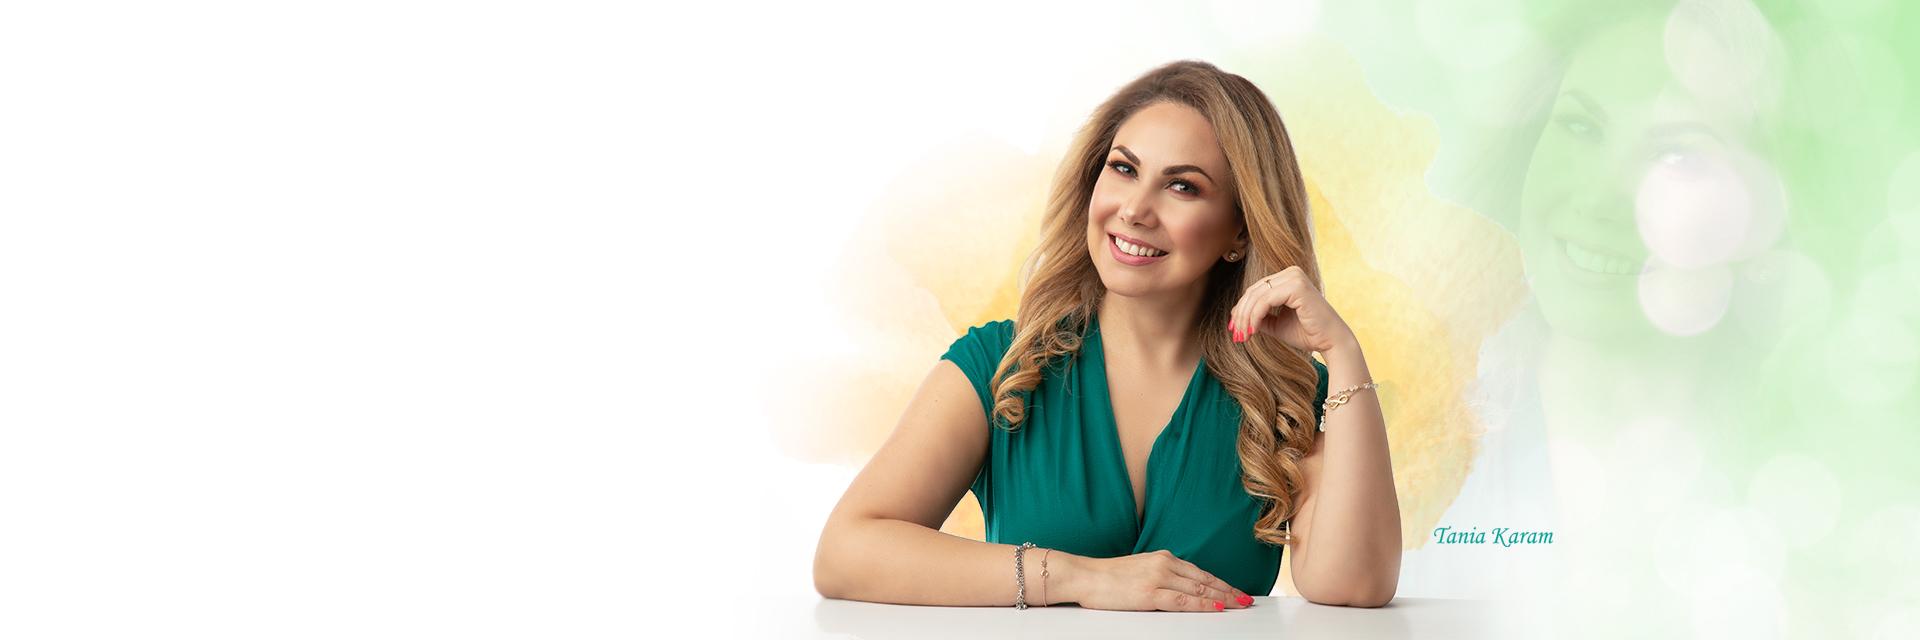 Tania Karam cursos 2020